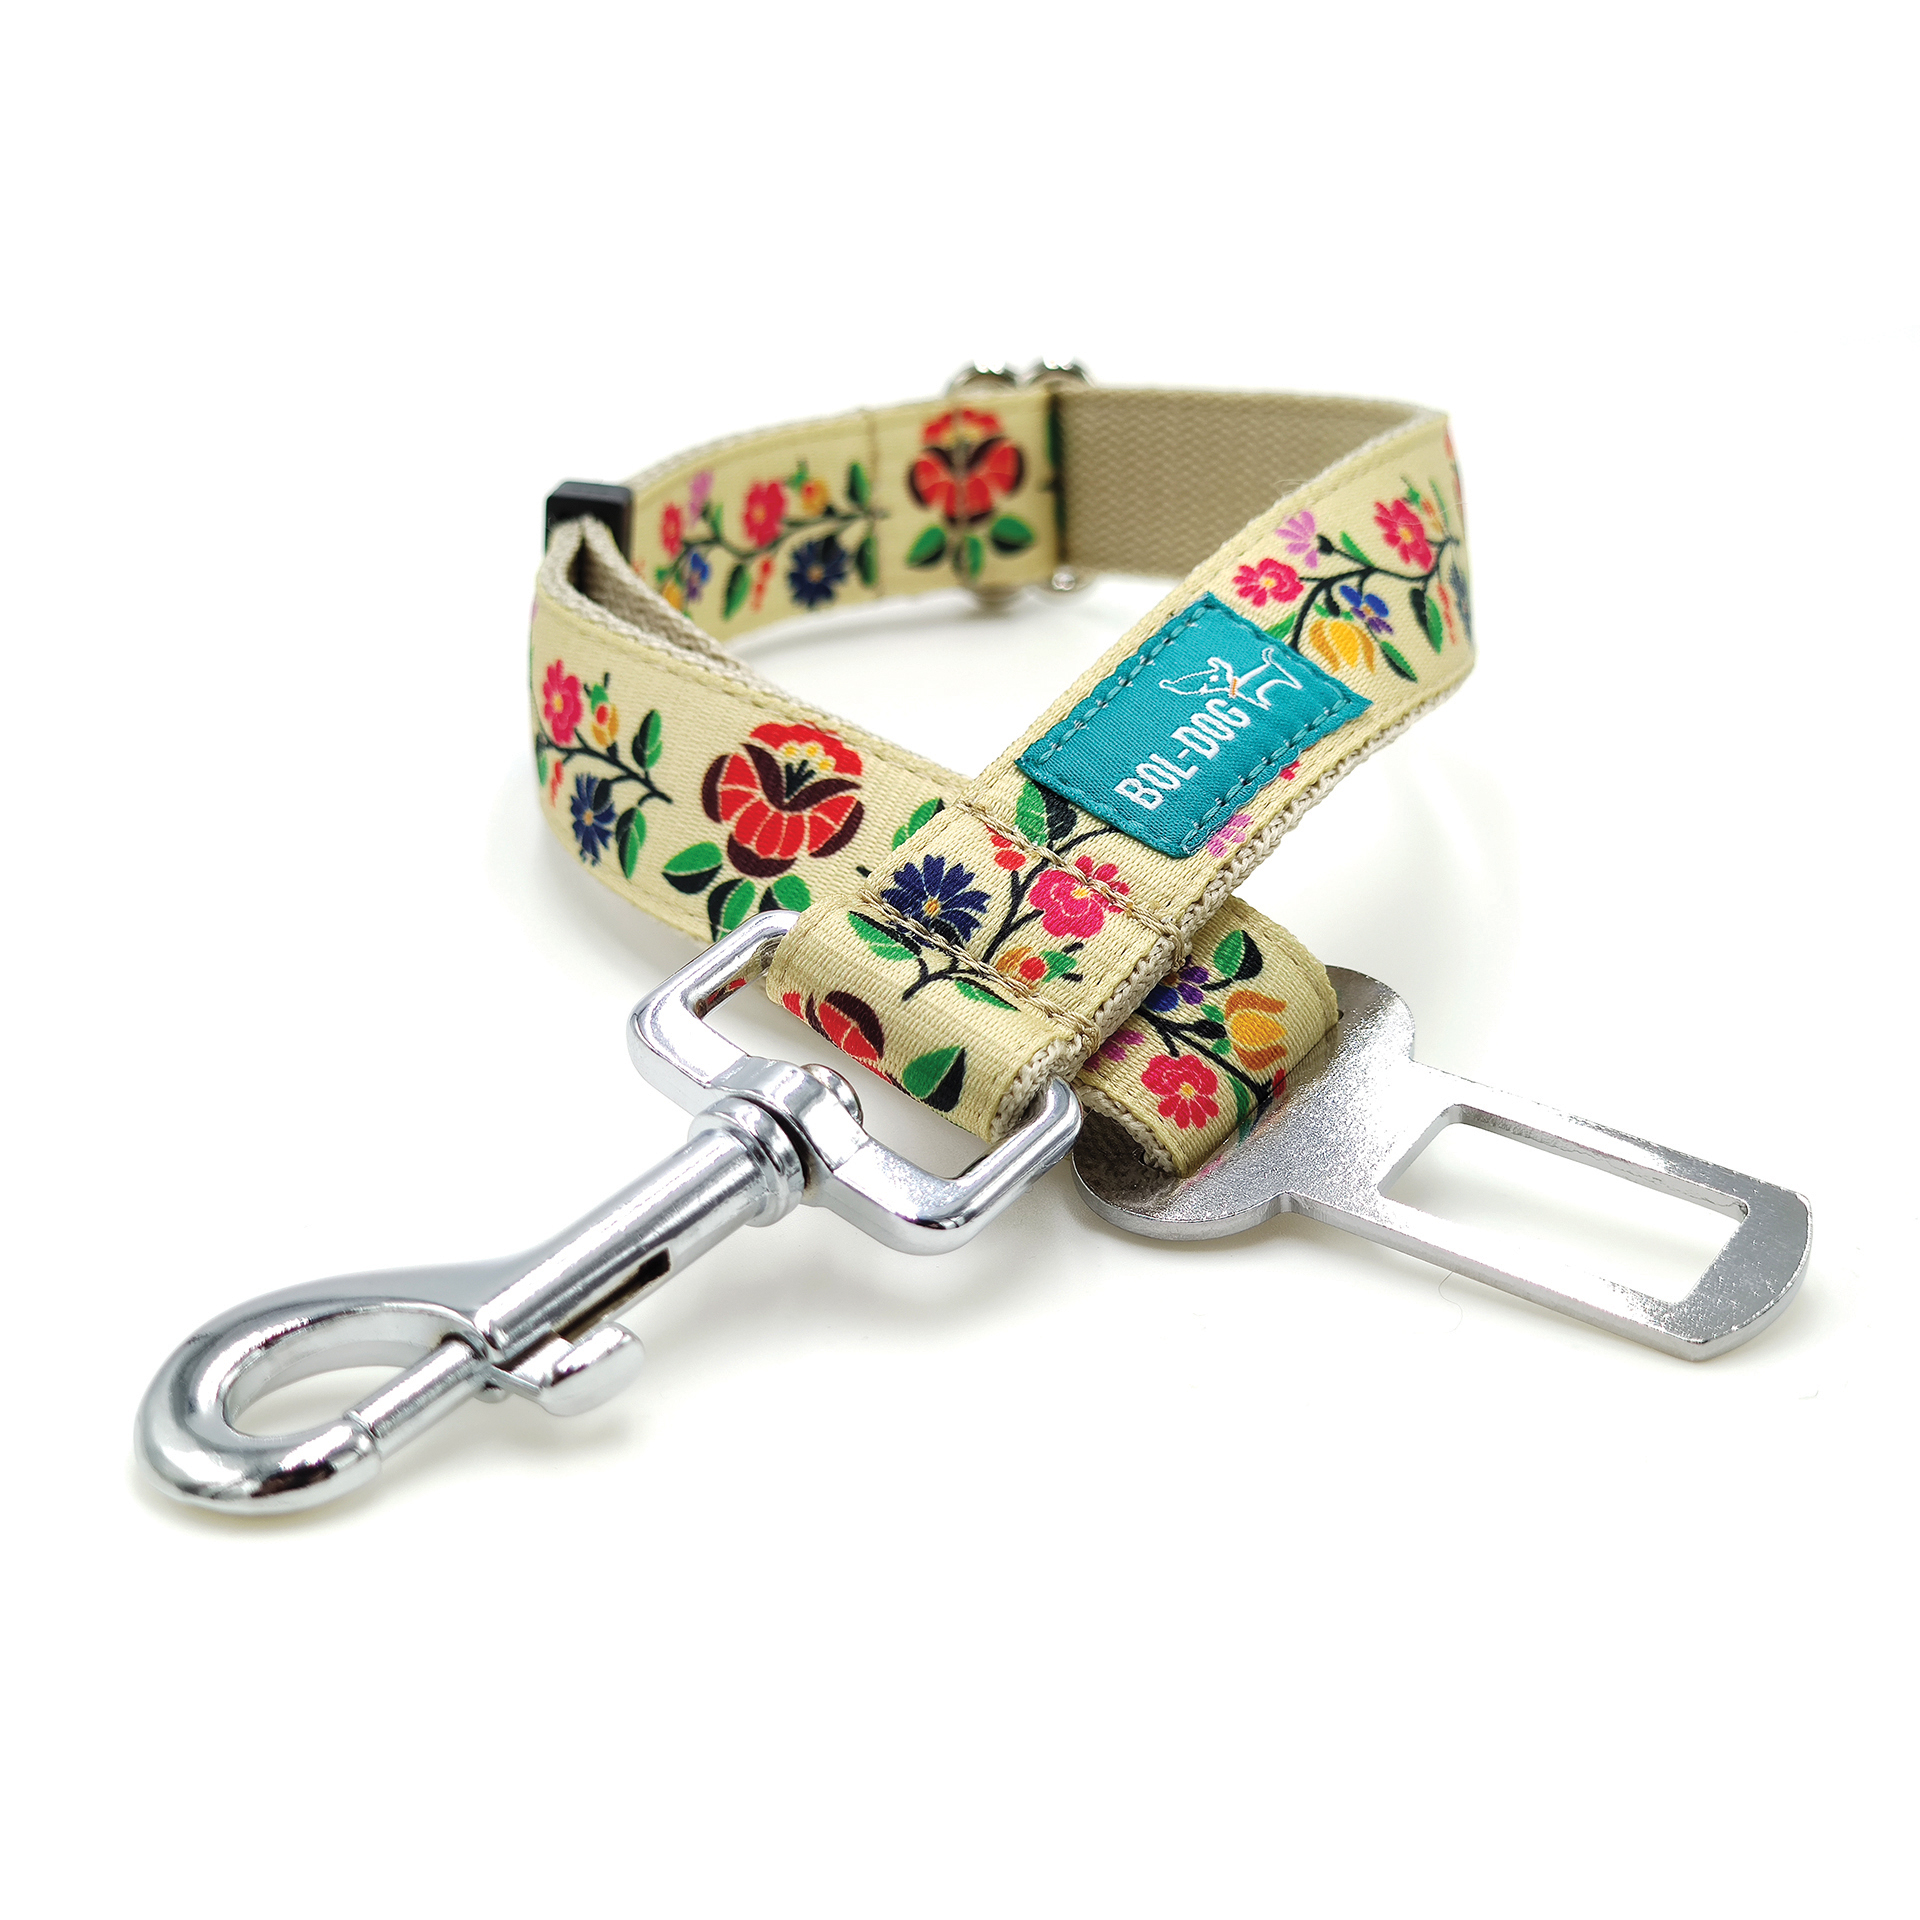 Matyo safety belt